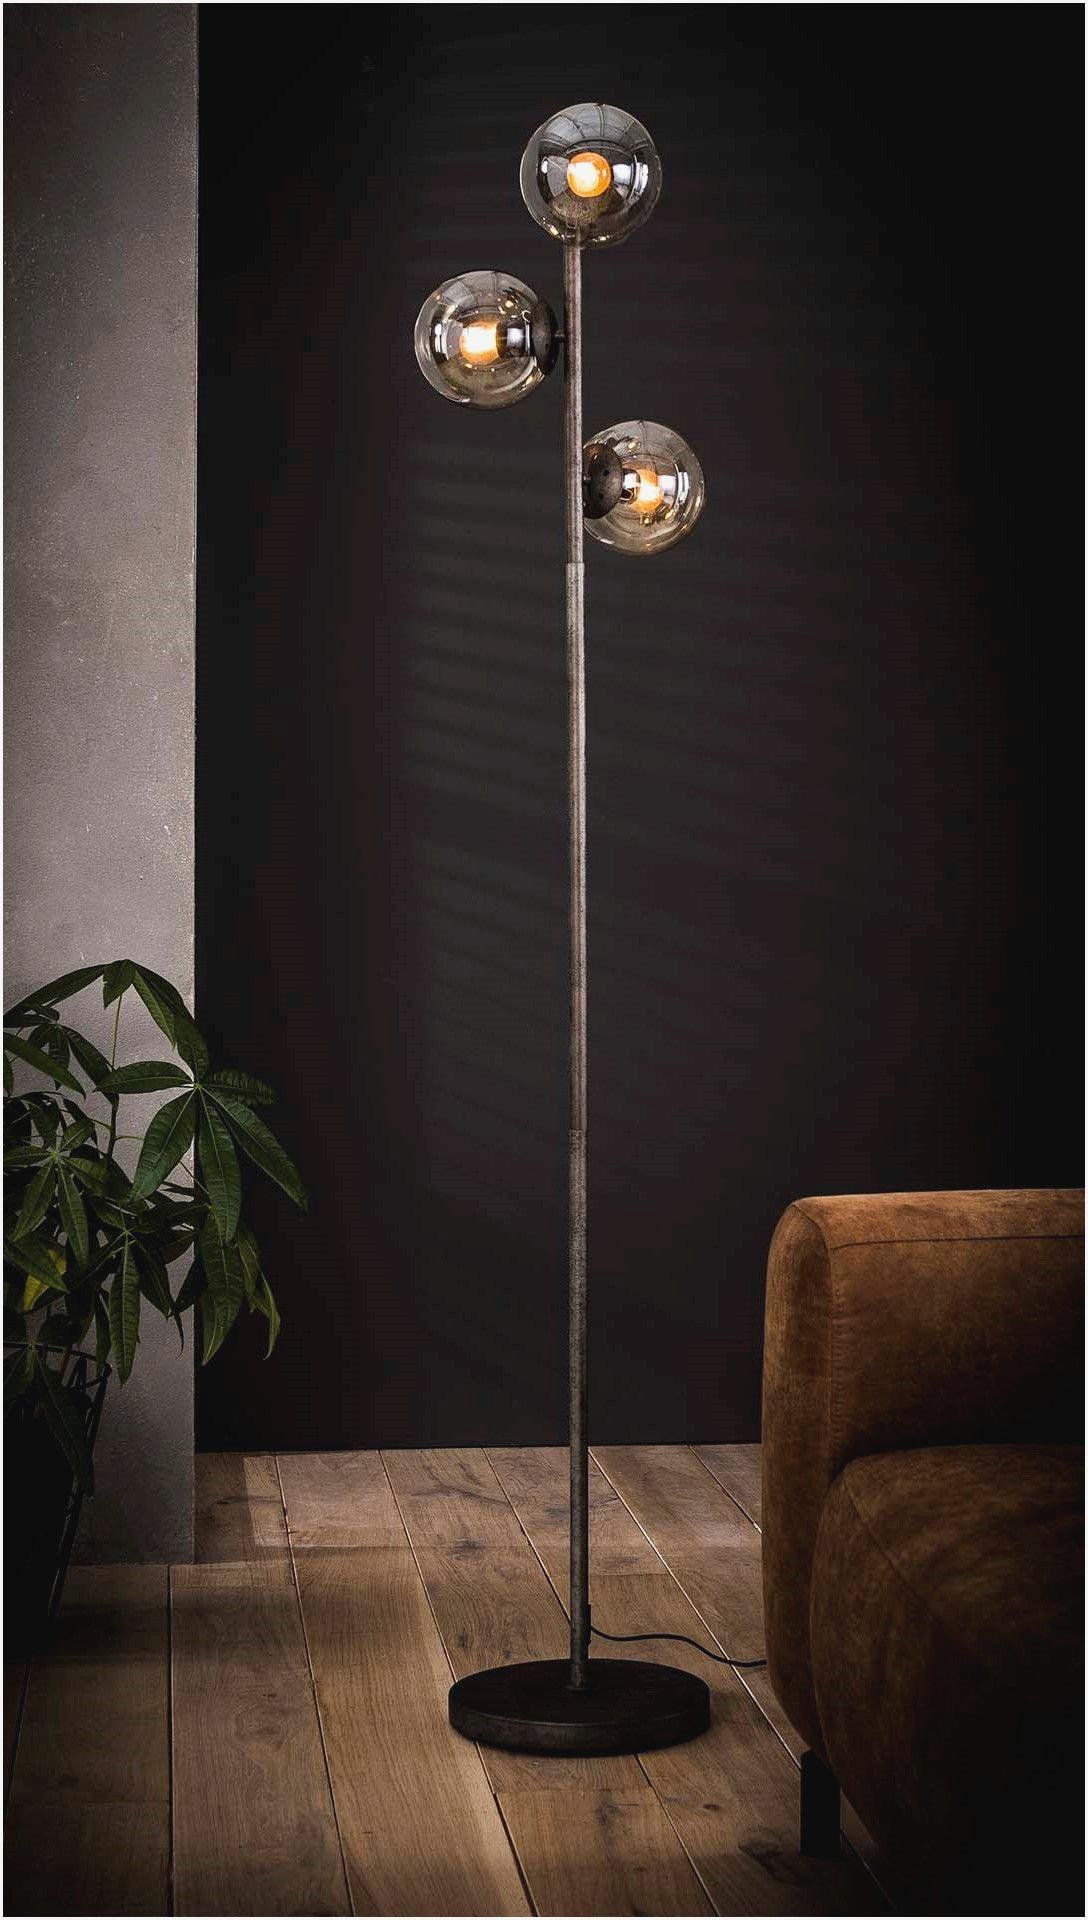 Full Size of Stehlampen Modern Wohnzimmer Stehlampe Ikea Led Moderne Duschen Vorhänge Relaxliege Deckenleuchte Wandbild Deko Bilder Teppich Fürs Deckenlampen Für Wohnzimmer Moderne Stehlampe Wohnzimmer